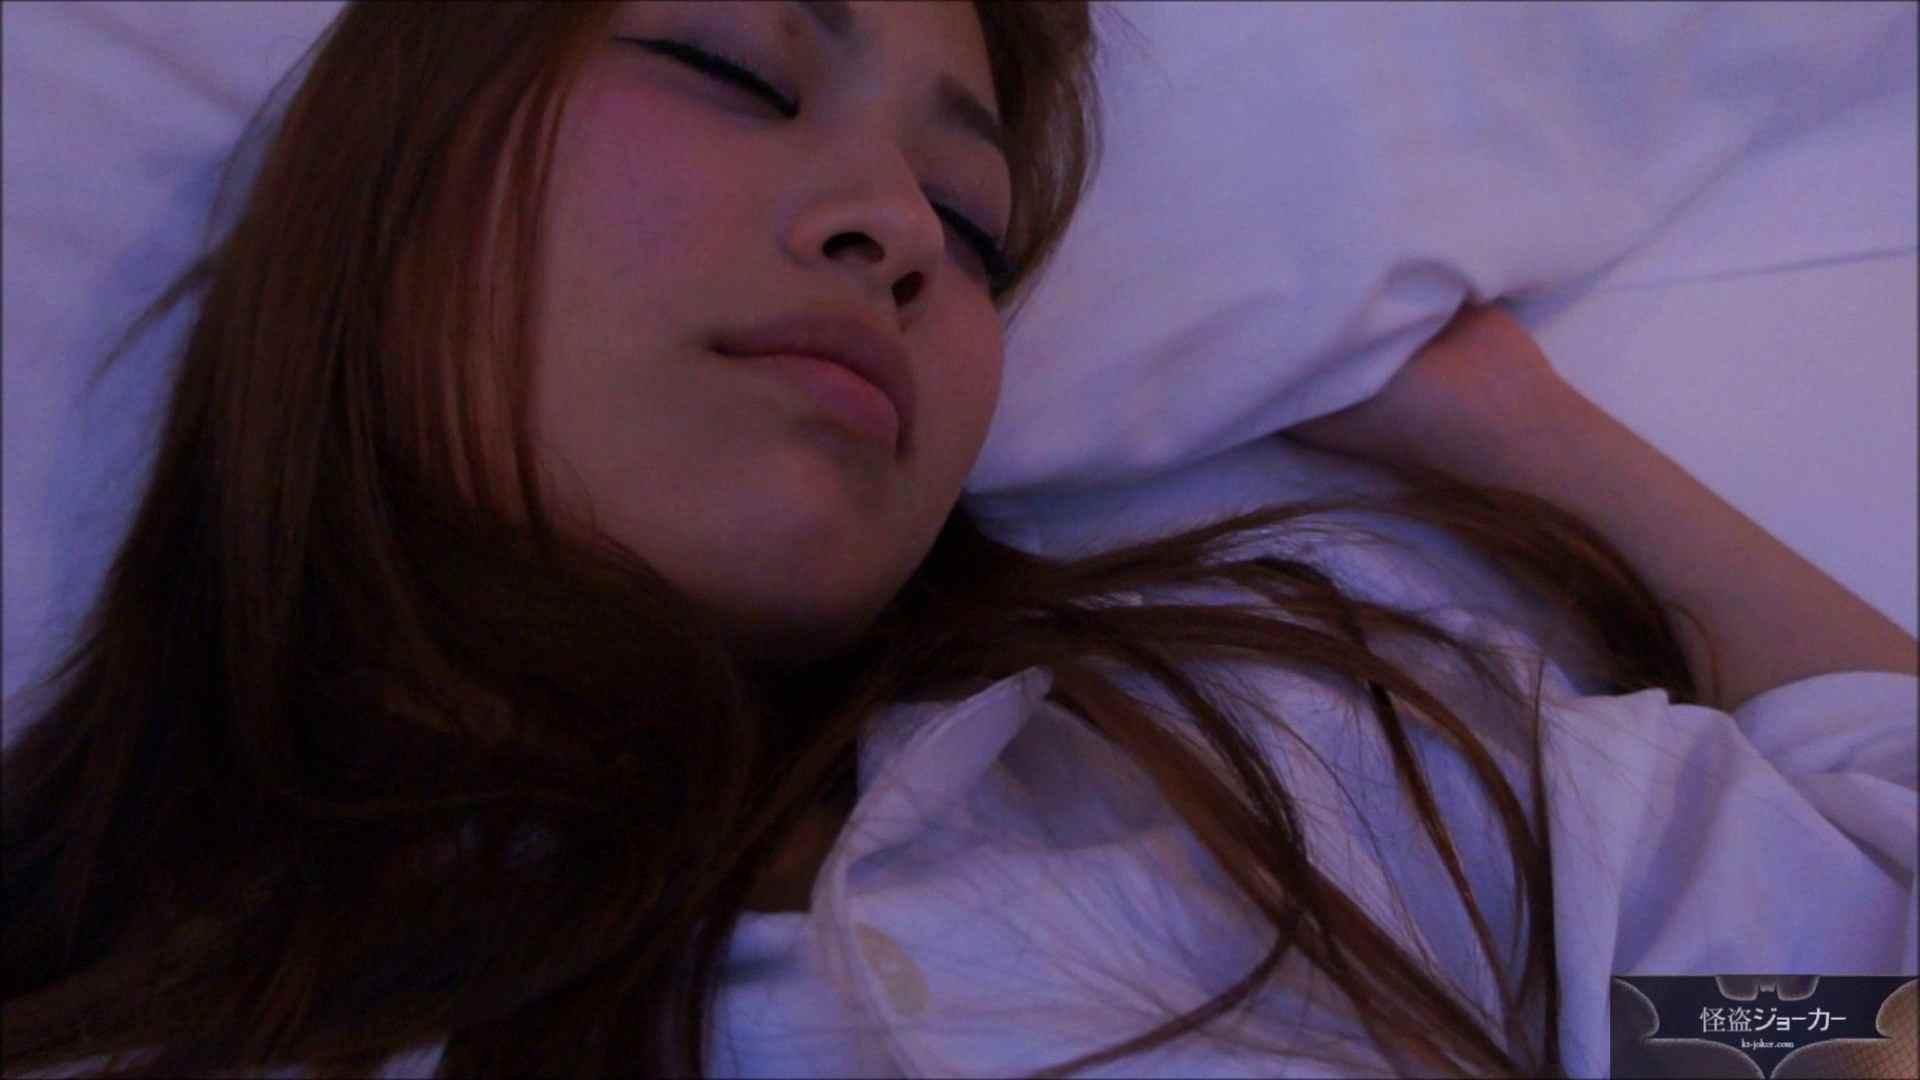 【未公開】vol.13 セレブ美魔女・ユキさんと初めて会った日。 OL | 0  96連発 36